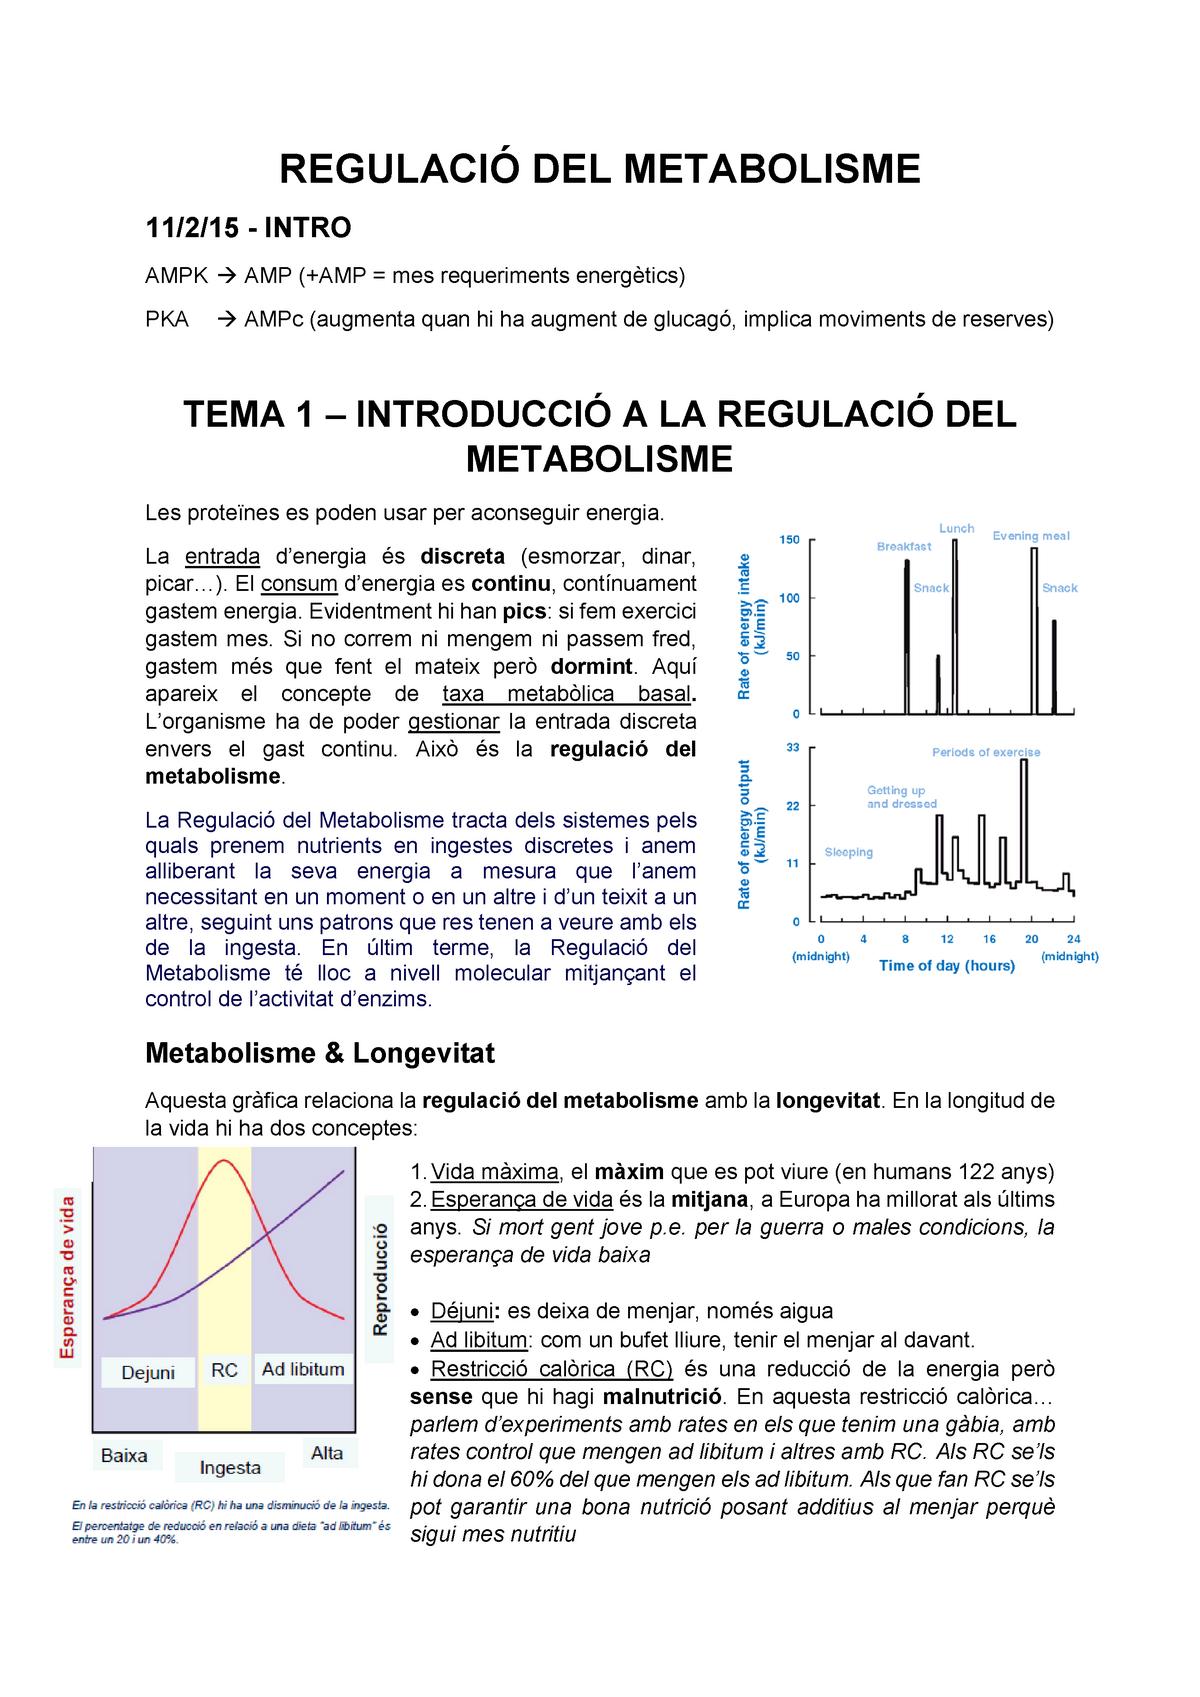 edbd72a7e87451 Tema 1 - Introducció - Regulació del Metabolisme - StuDocu